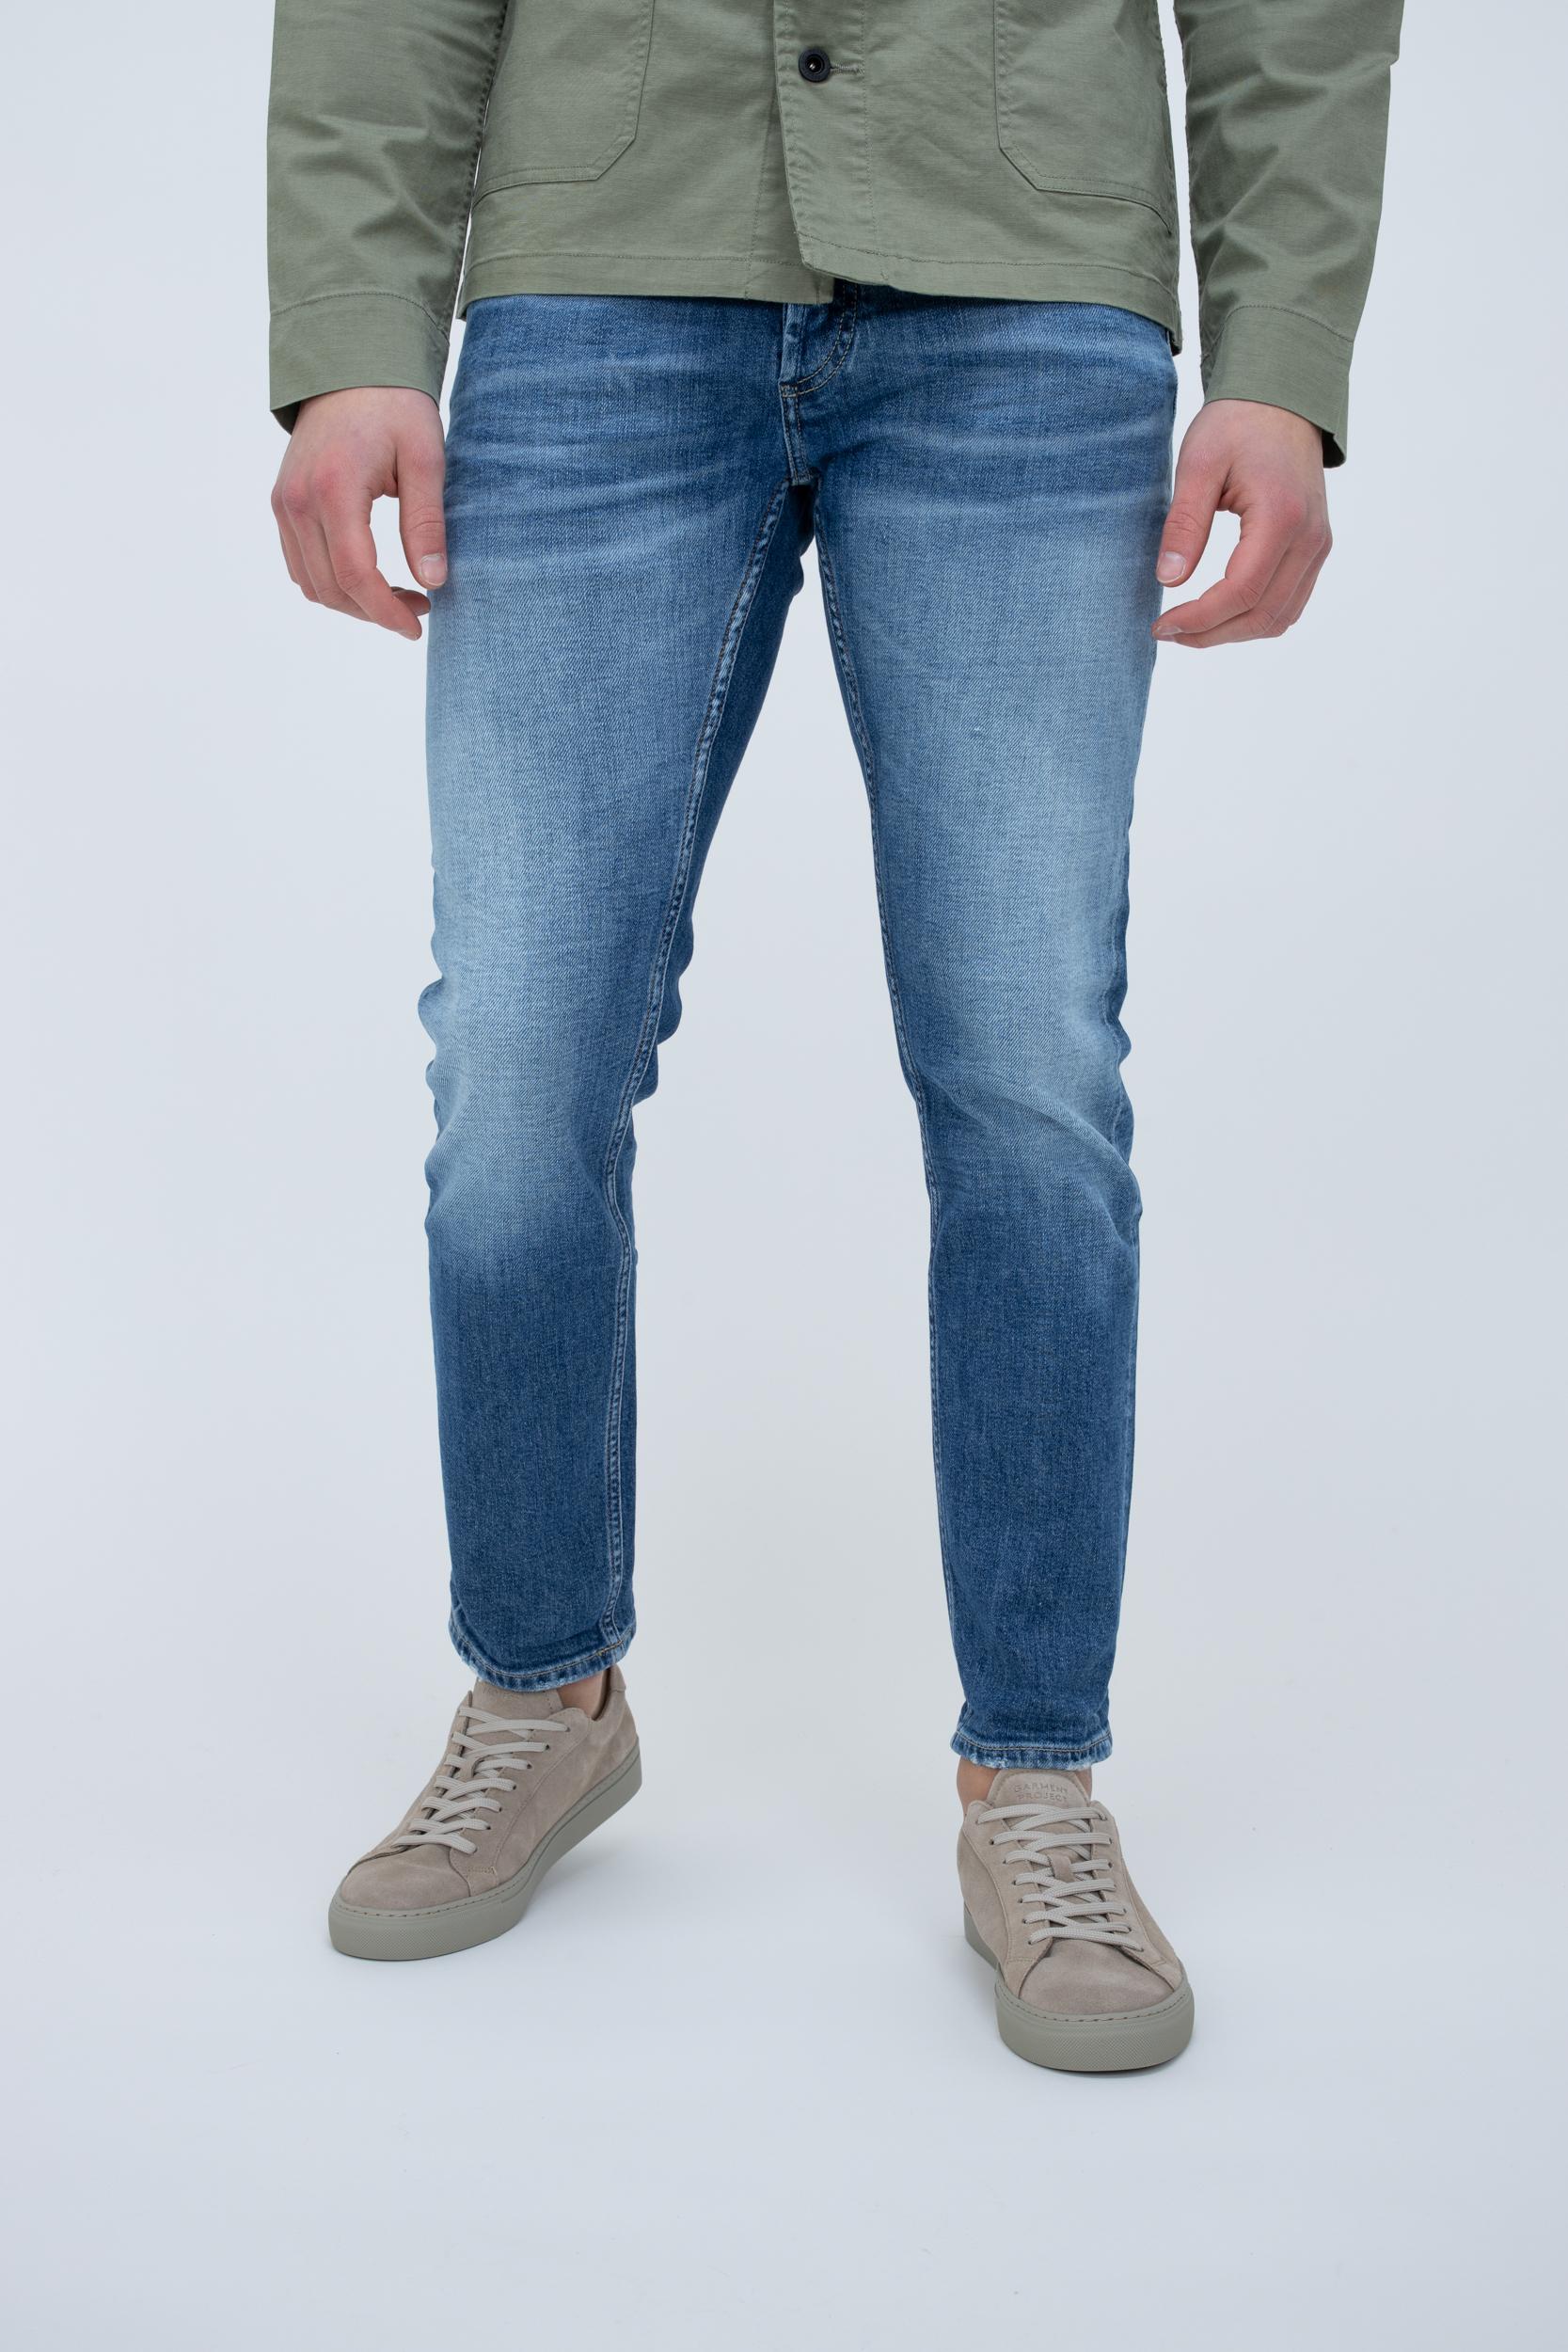 Jeans Razor